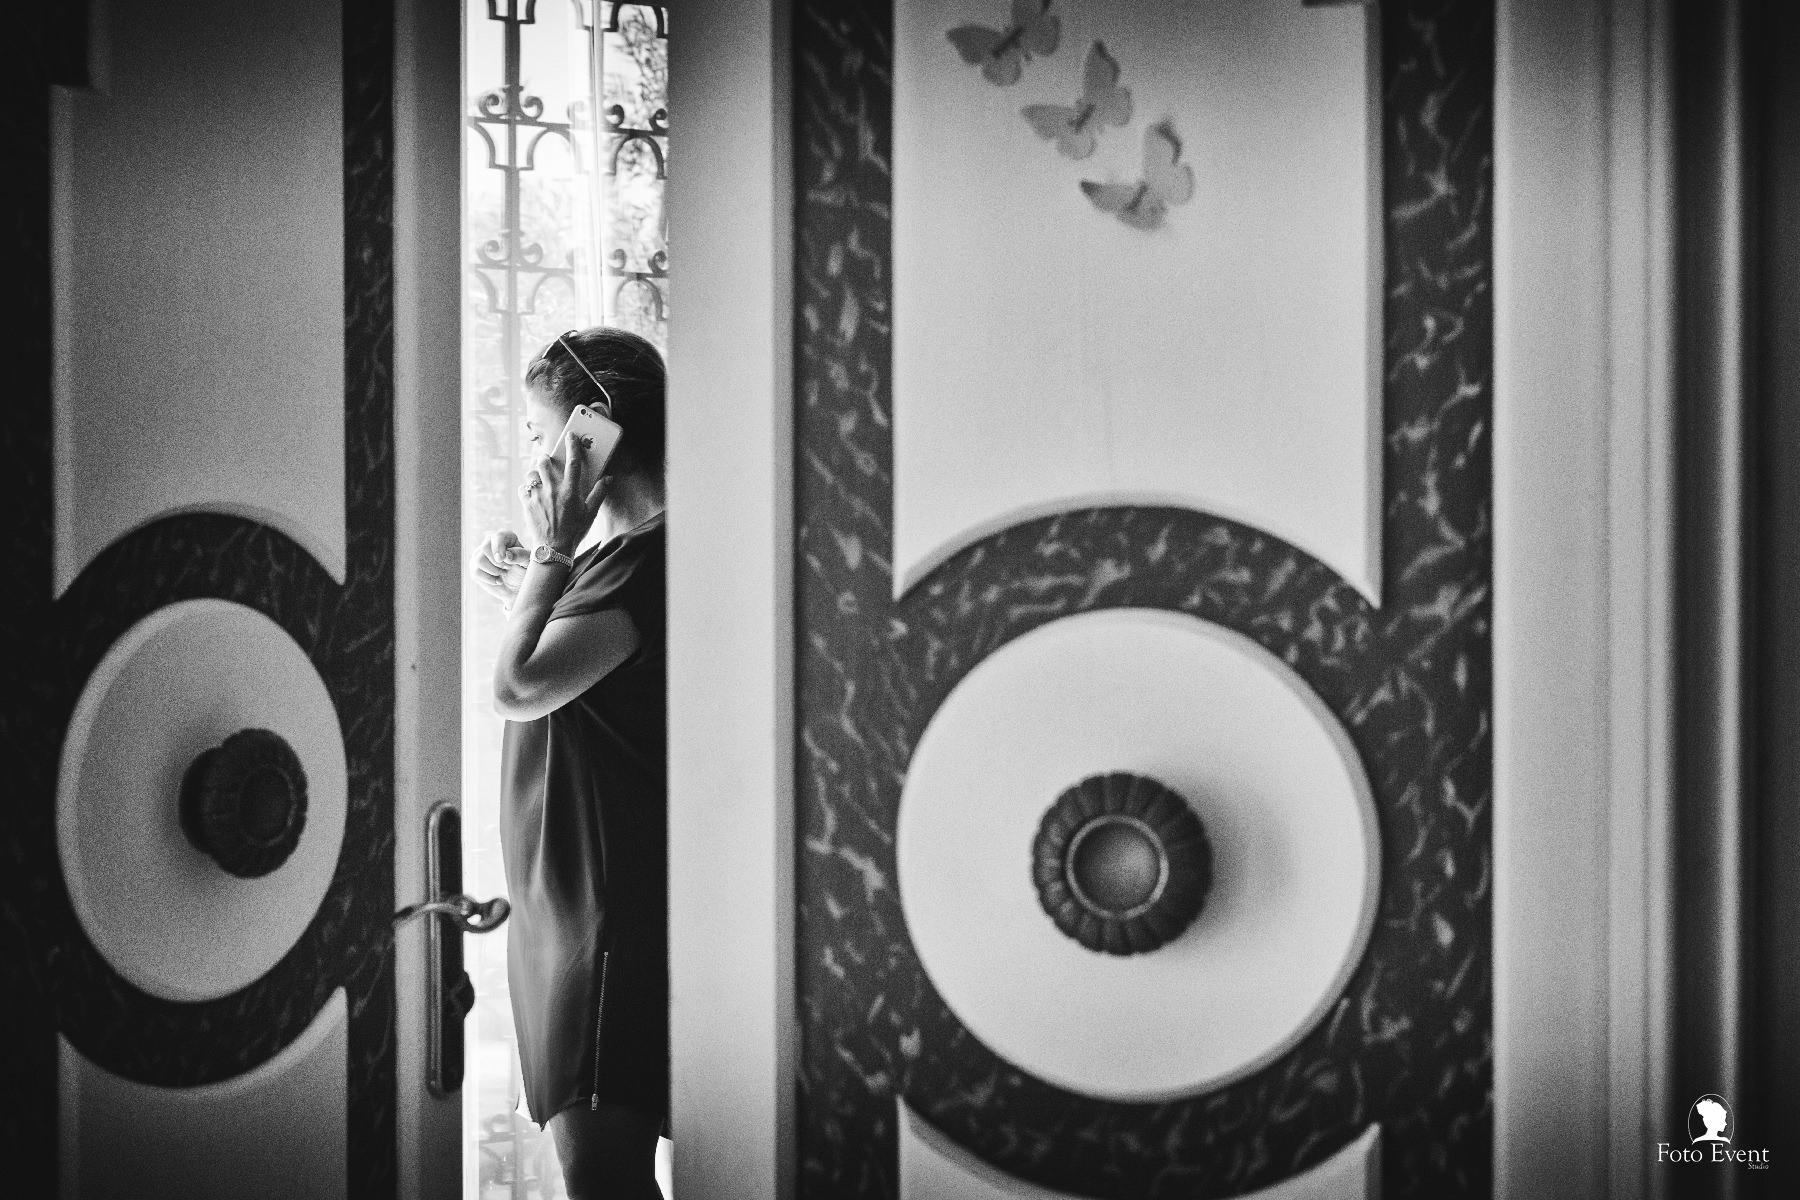 2017-06-01 Matrimonio Karen e Martin Pearson 5DE 147 CD_facebook